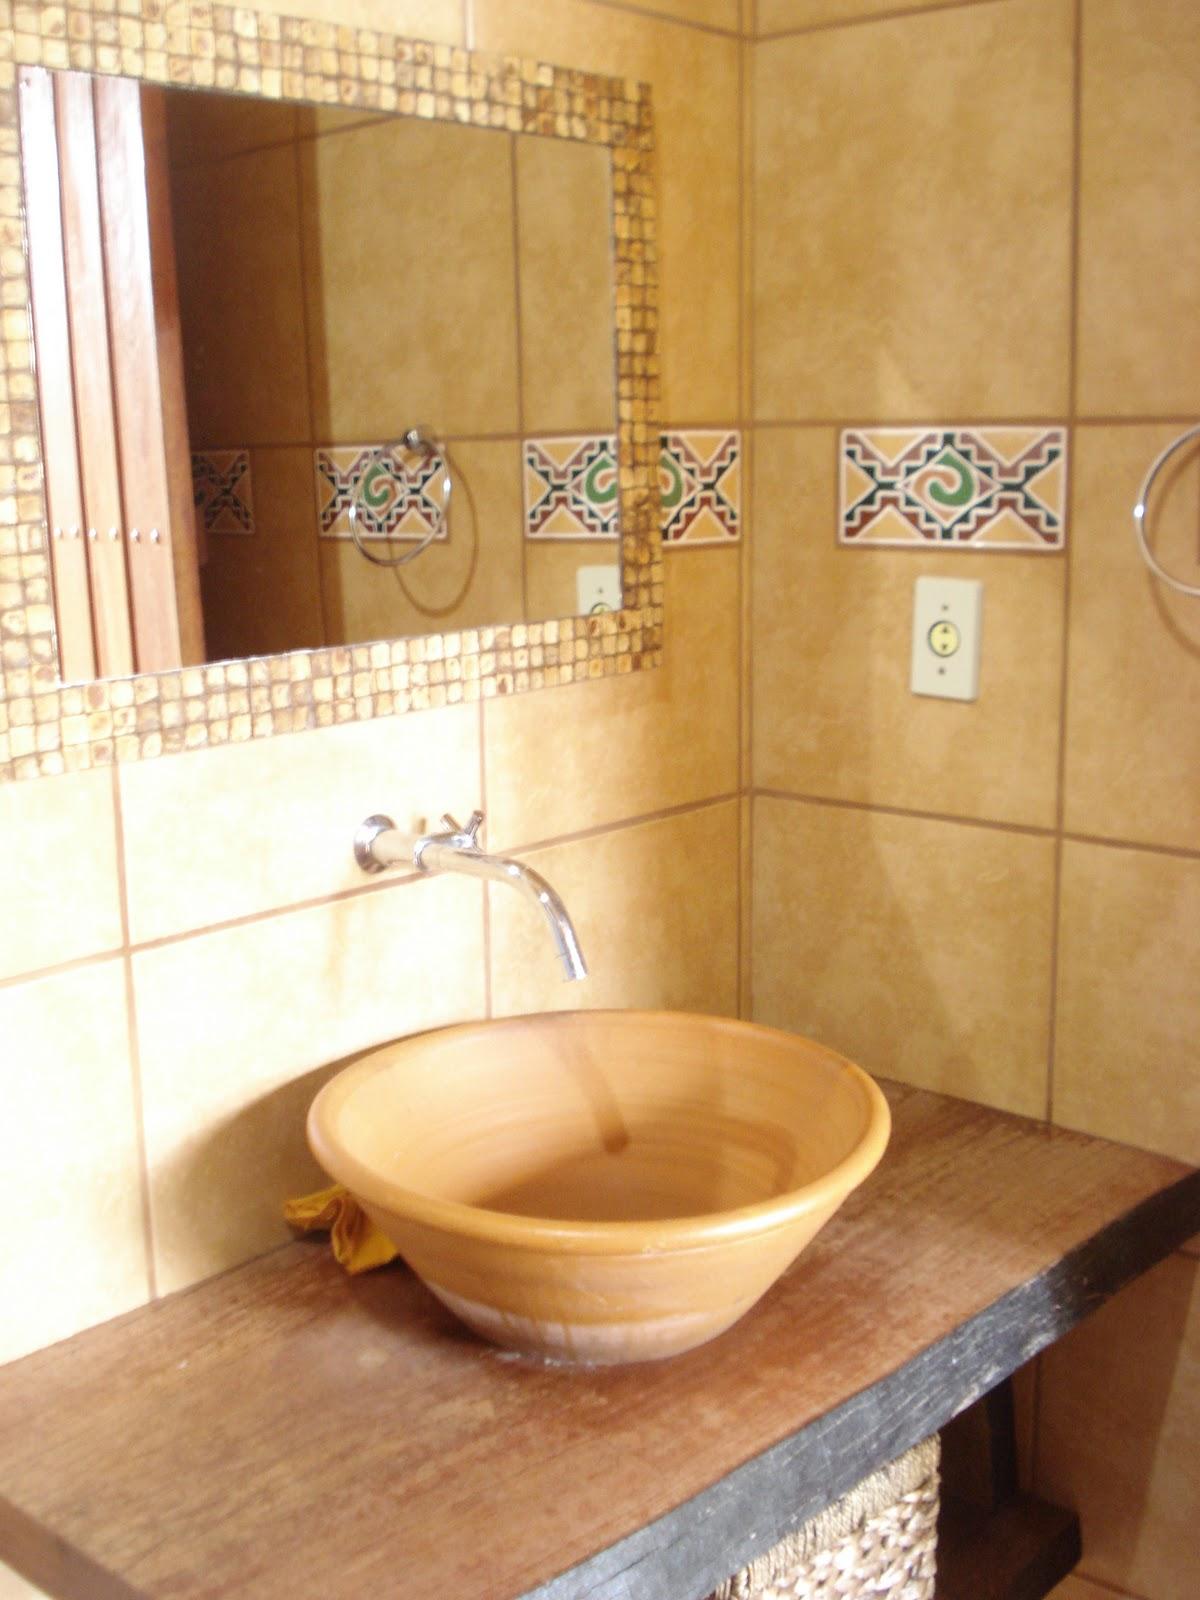 Imagens de #AA8021 Nos banheiros eles utilizaram vasos cerâmicos como cubas sobre  1200x1600 px 3626 Banheiros Simples Rusticos